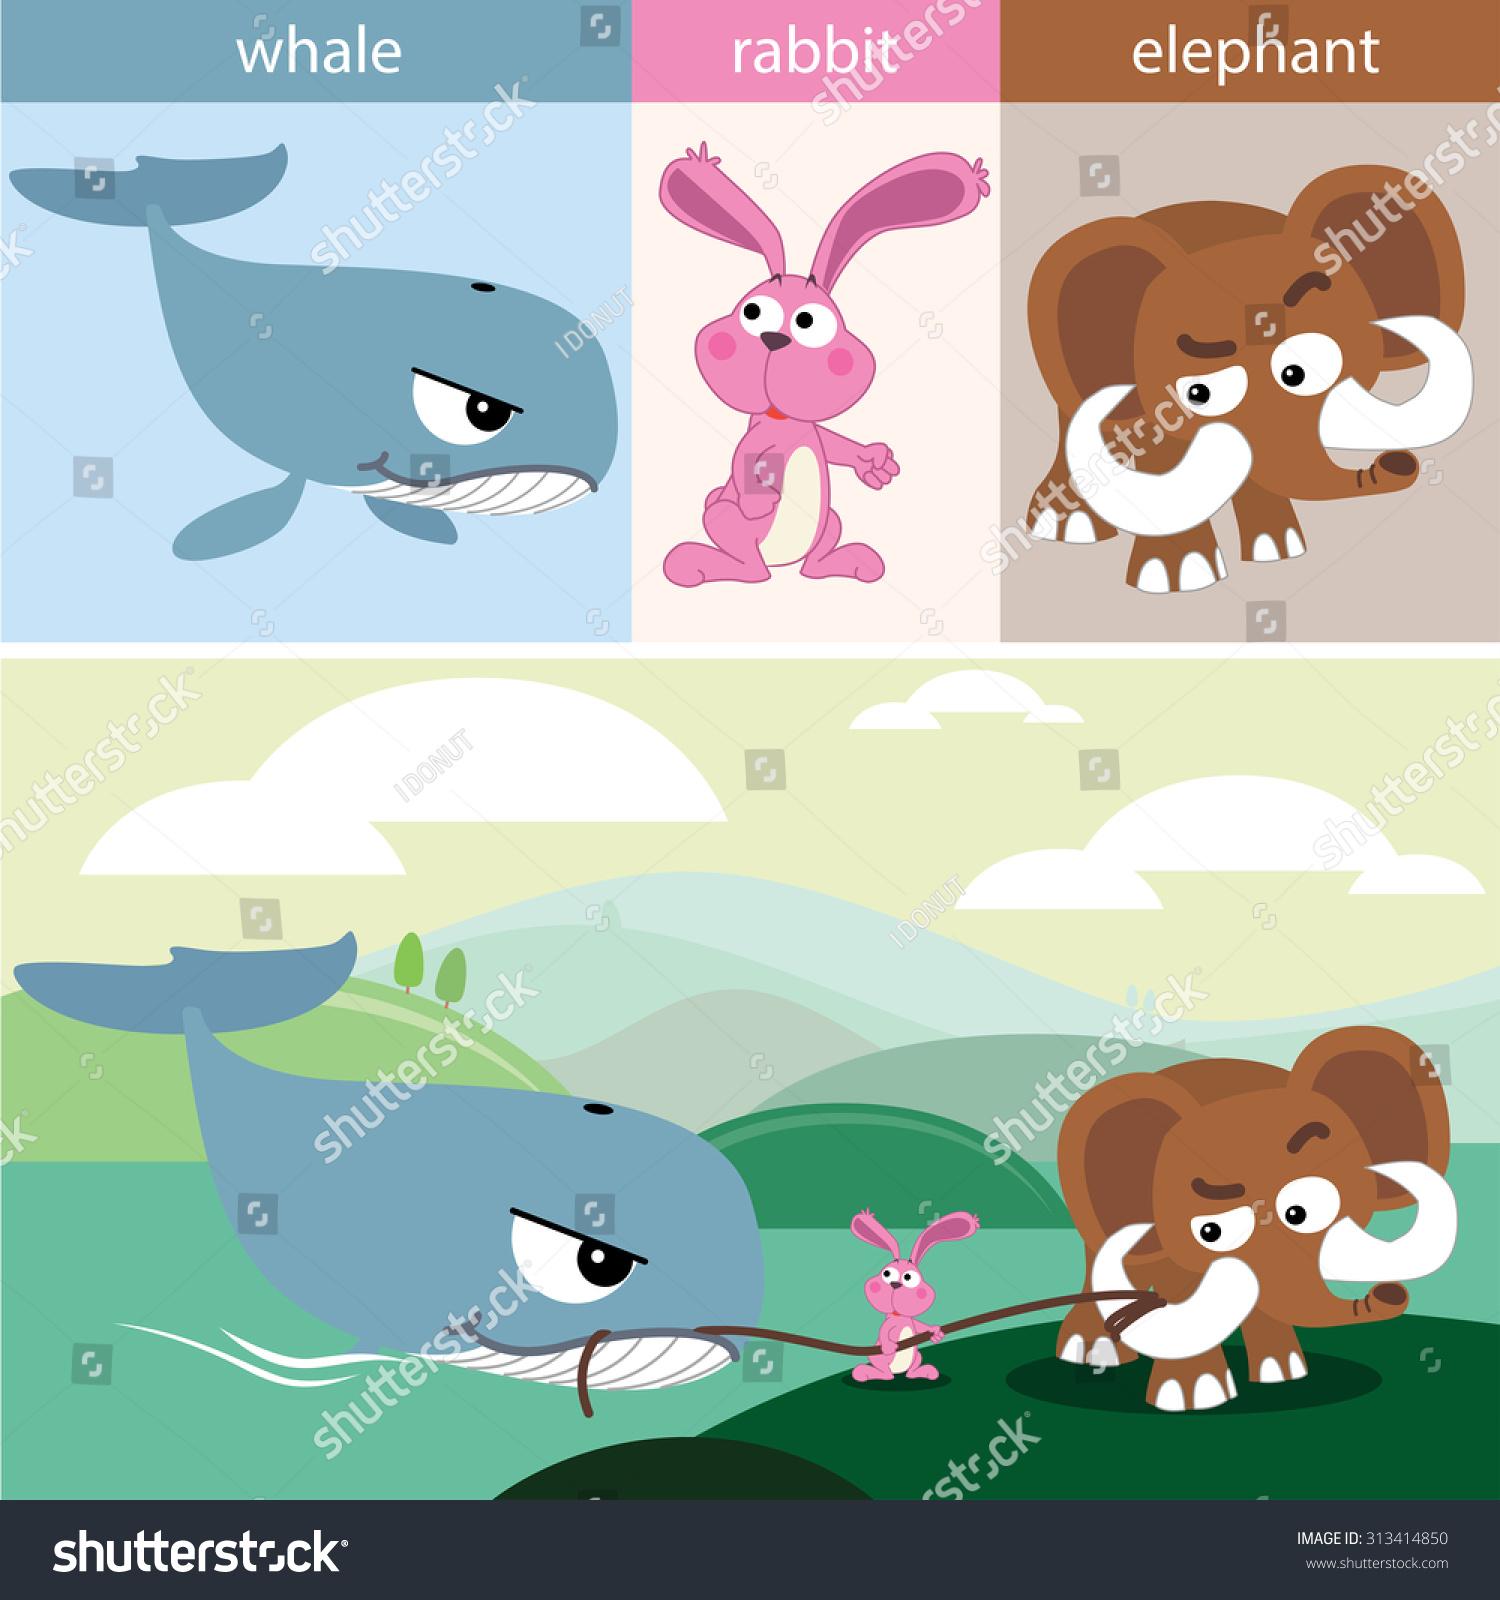 可爱的动物集合鲸鱼兔子大象